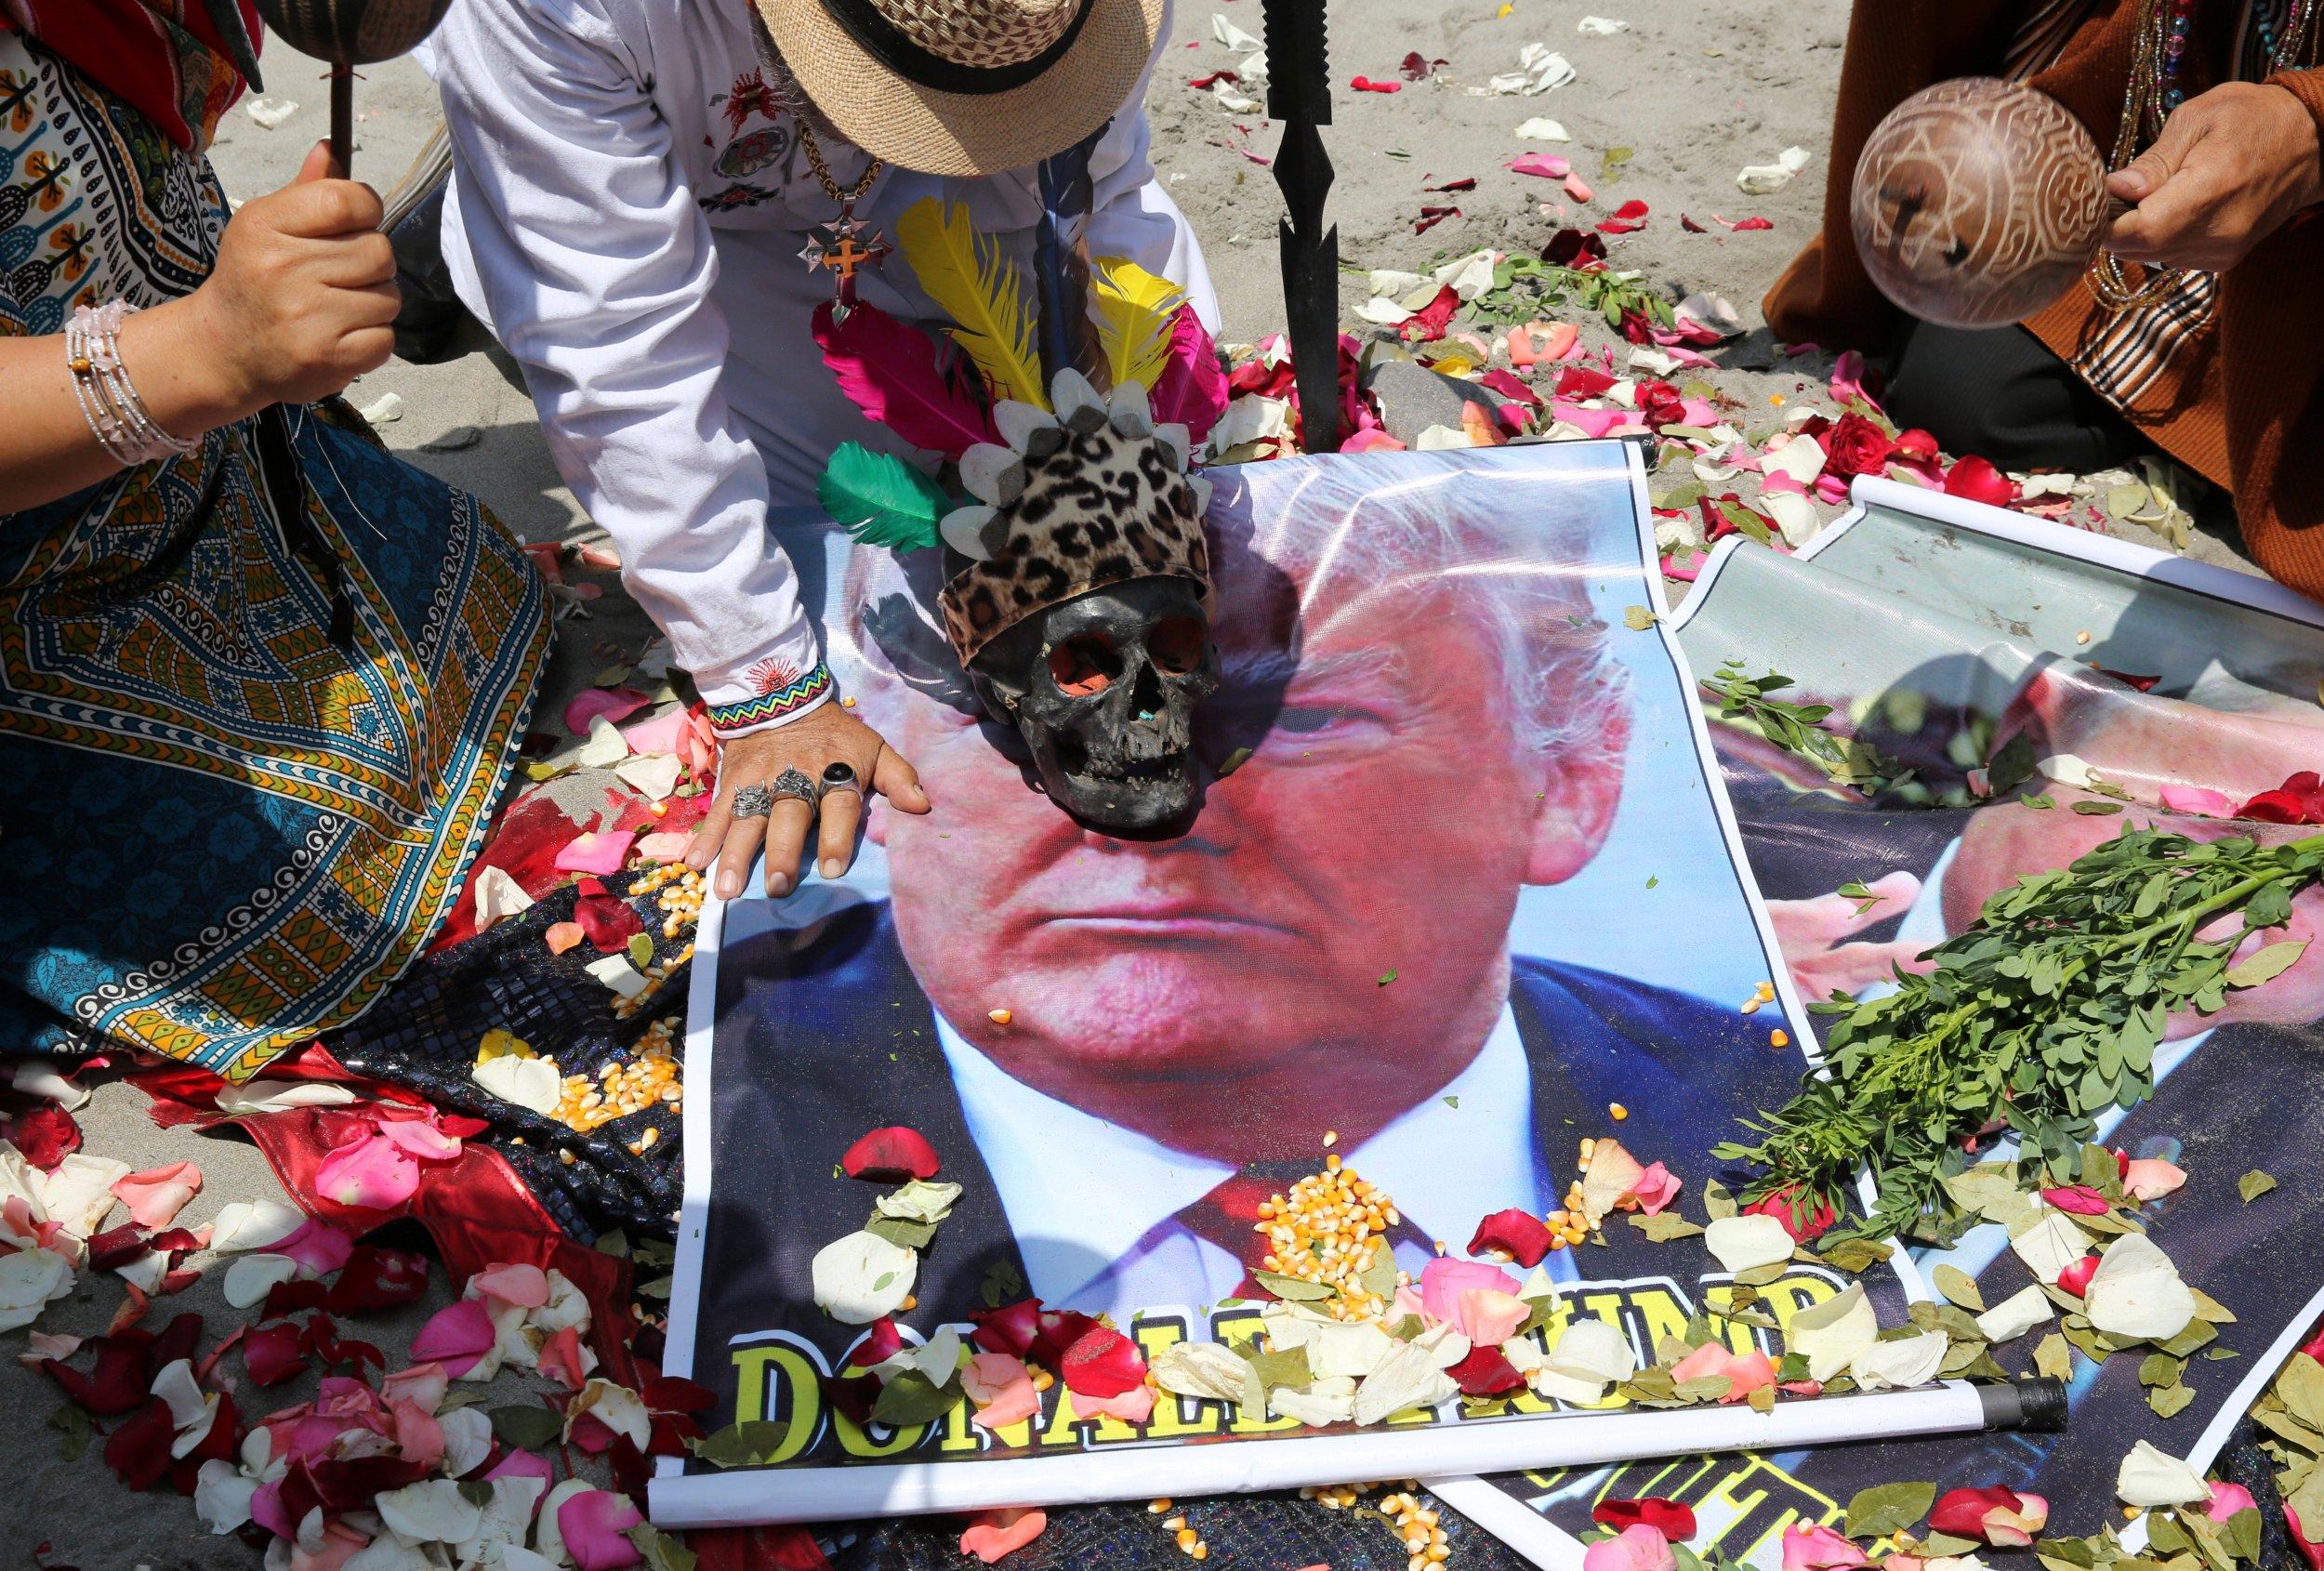 Peru Shaman ritual